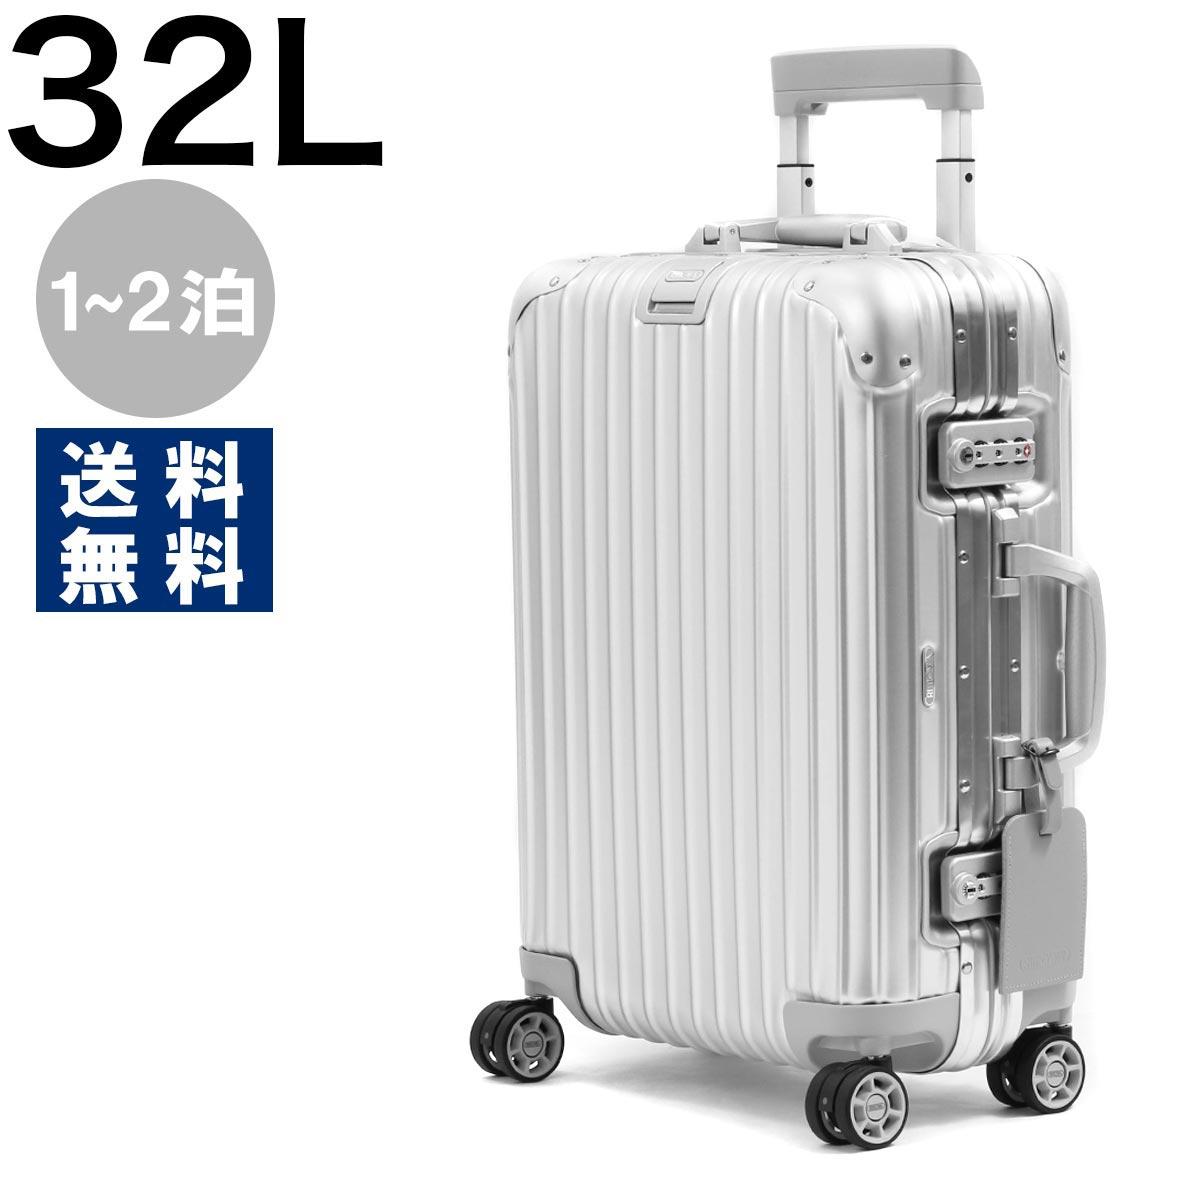 リモワ スーツケース/旅行用バッグ バッグ メンズ レディース トパーズ キャビン 32L 1~2泊 シルバー 923.52.00.4 RIMOWA